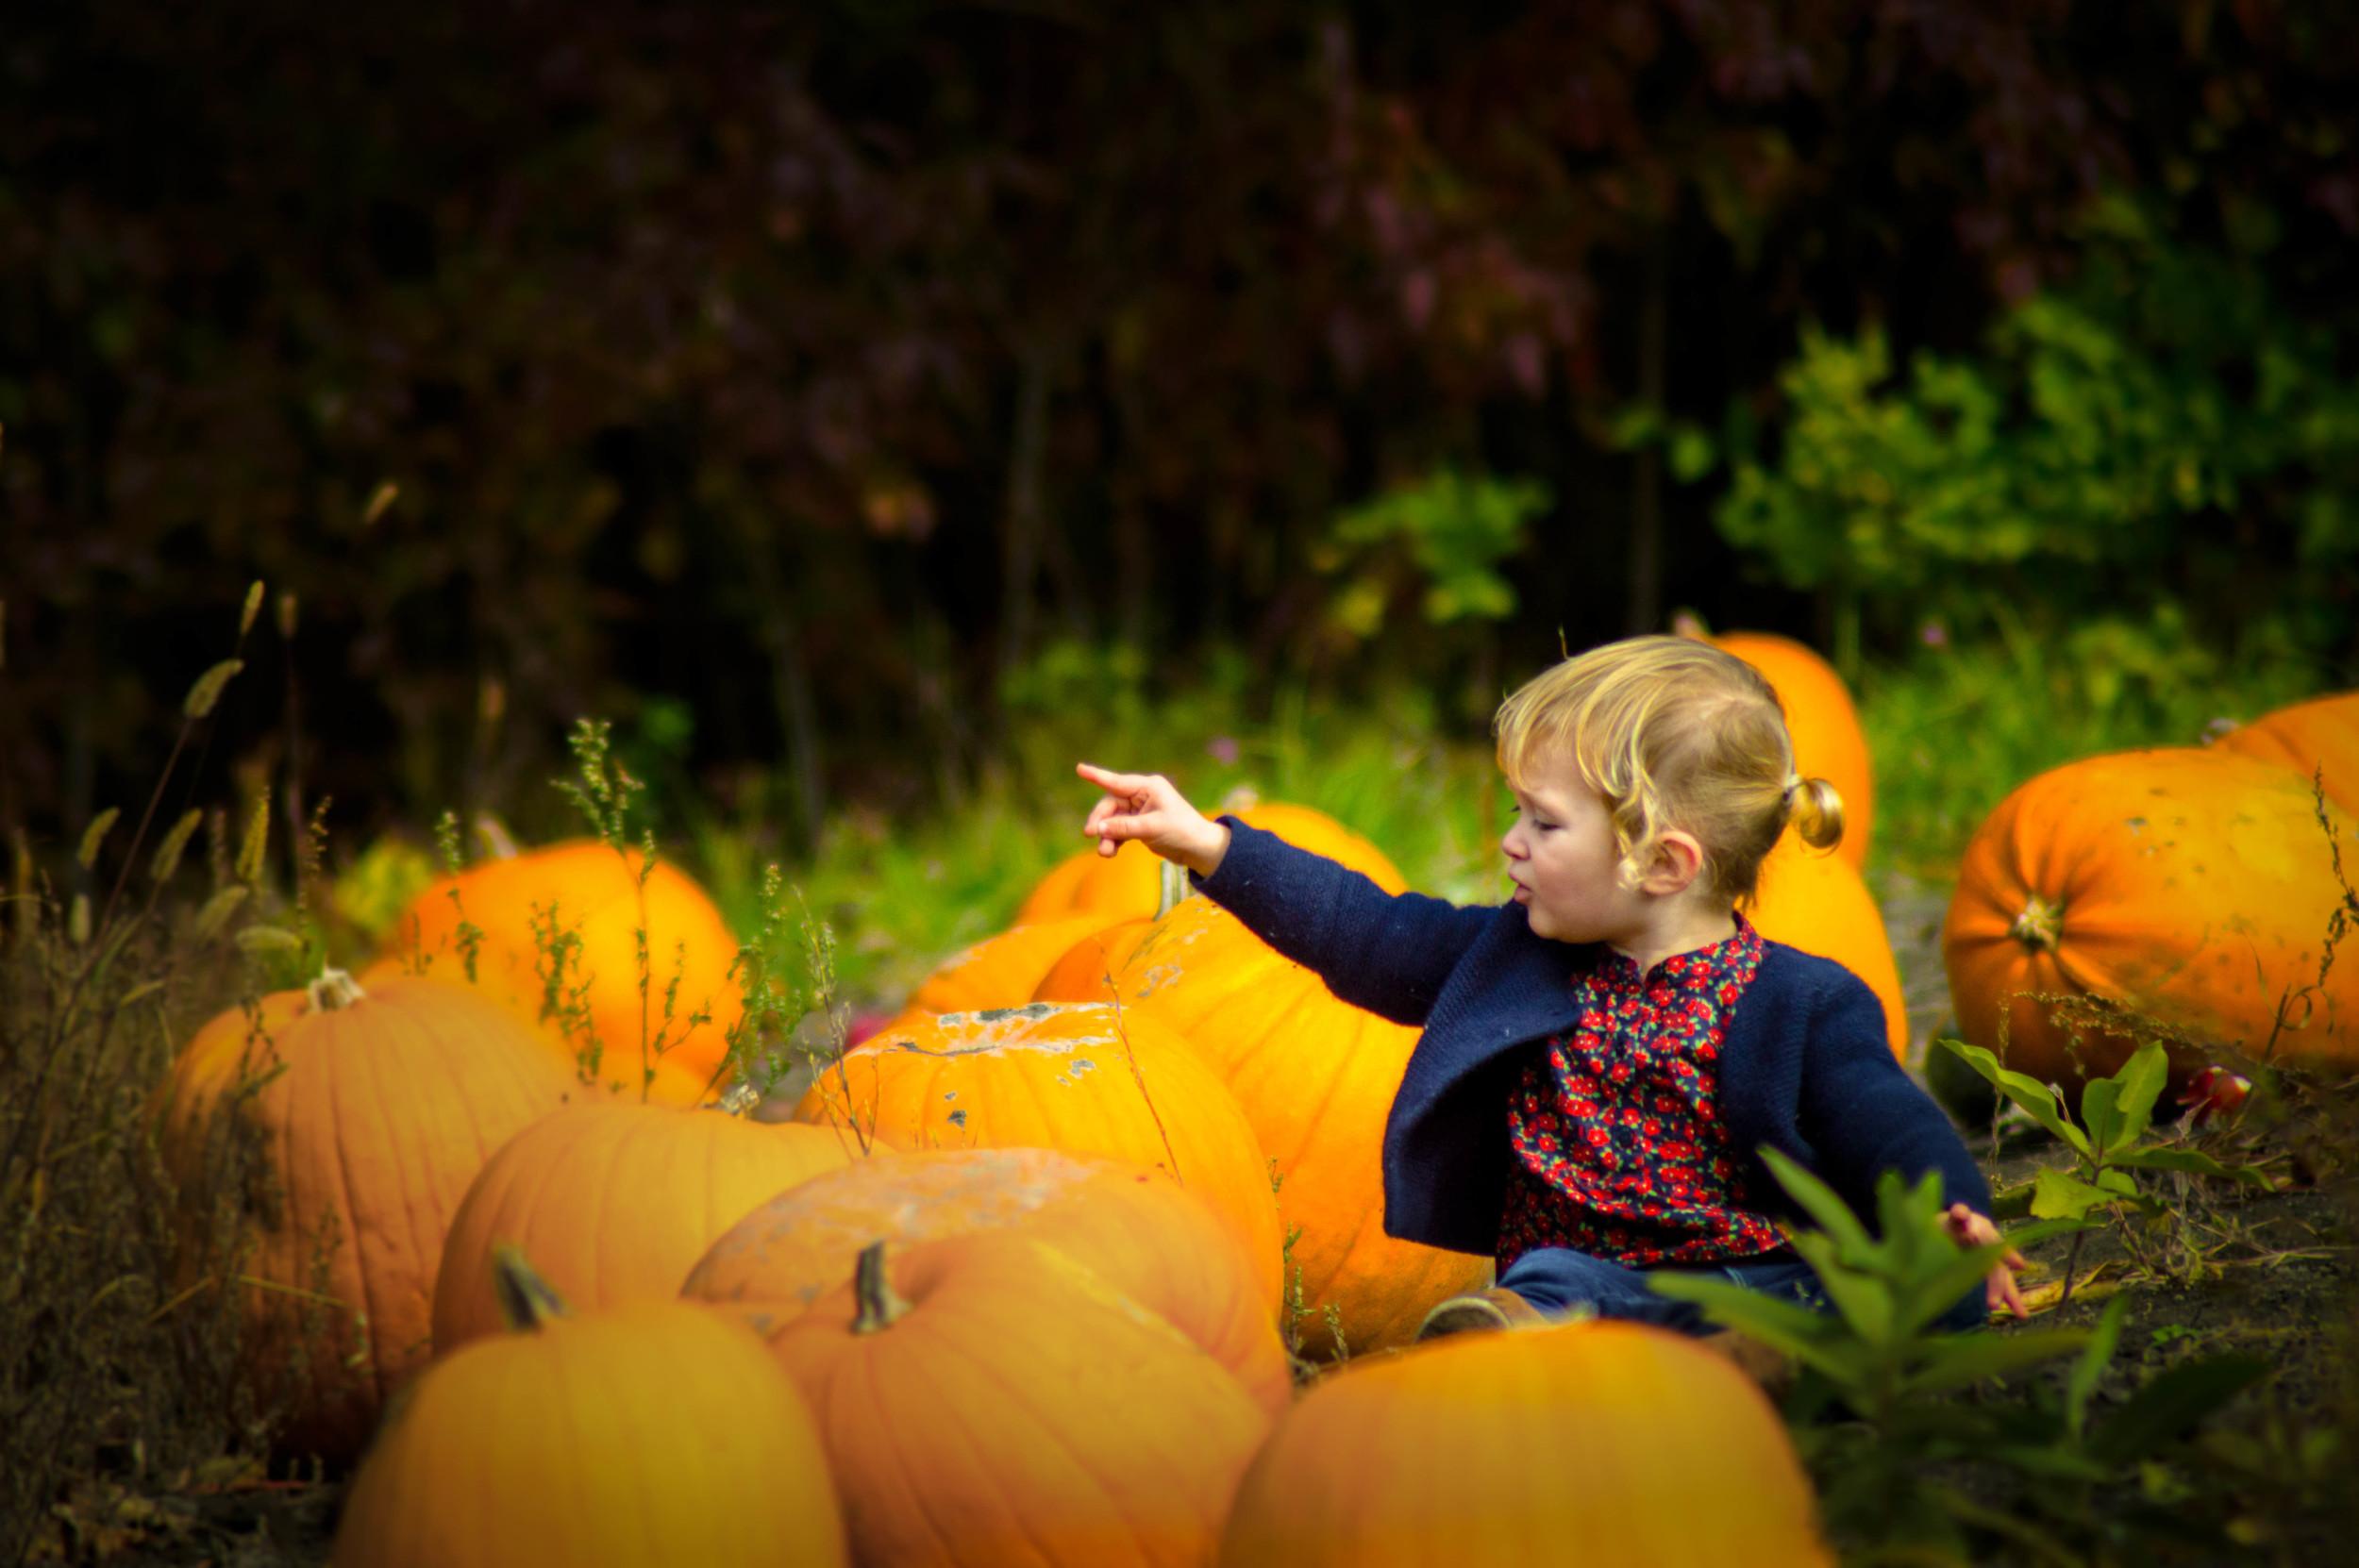 Pumpkin Patch: After